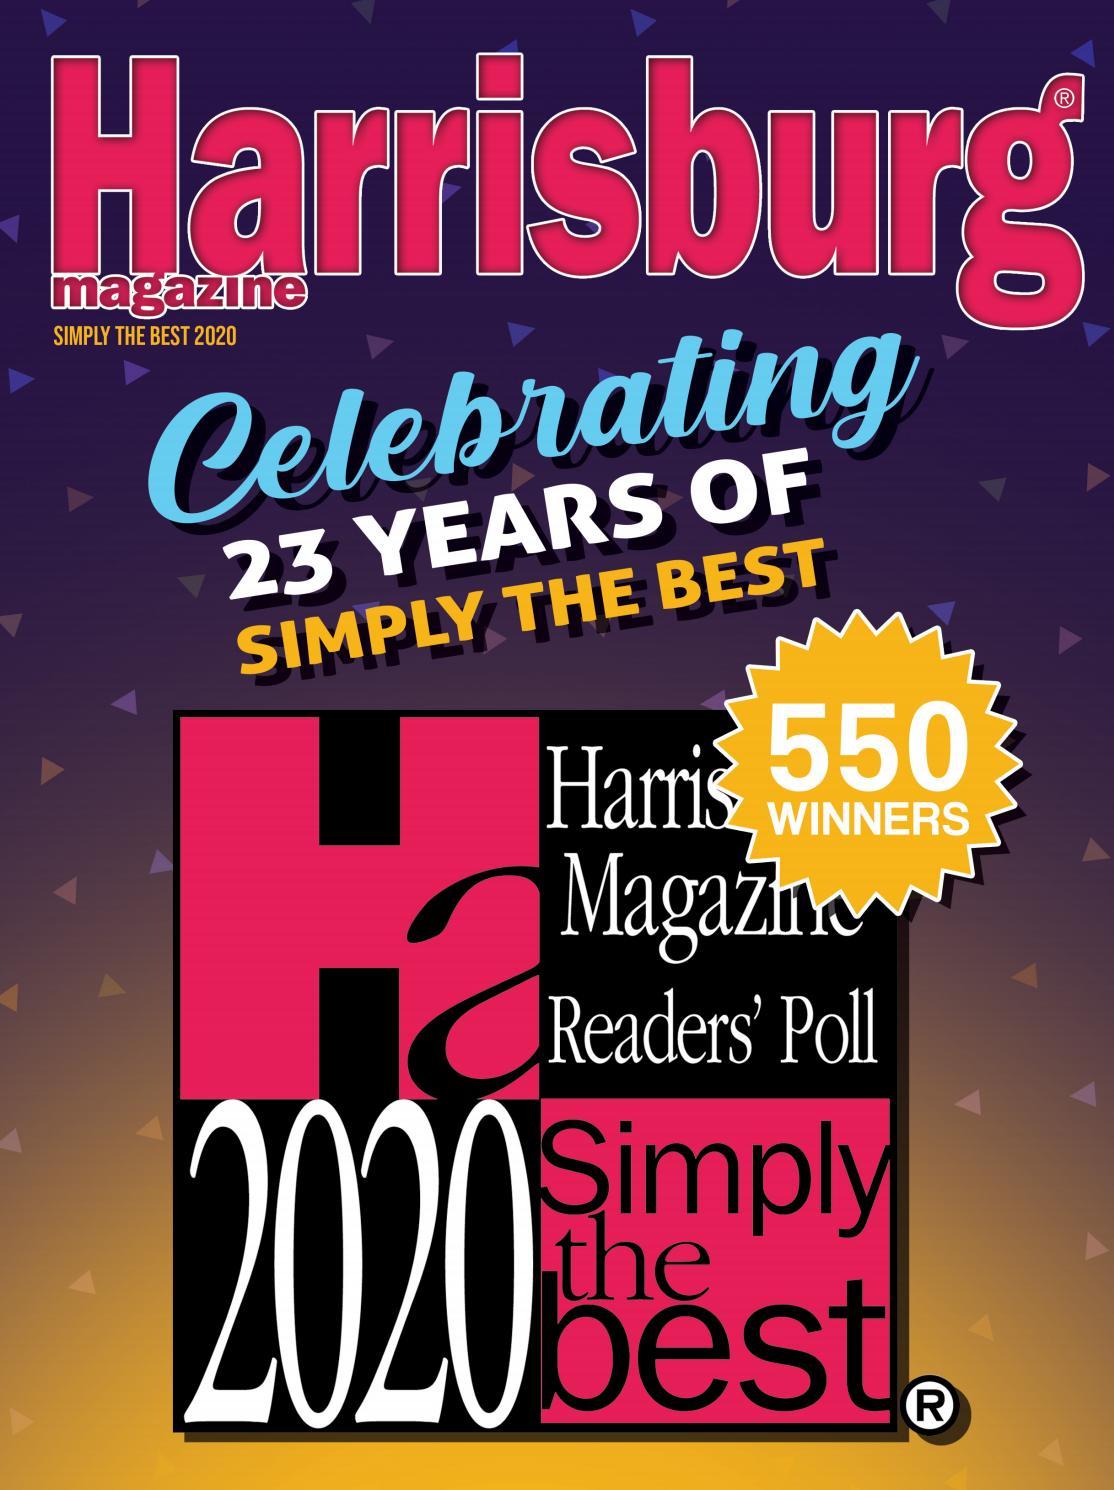 harrisburg magazine august 2020 by